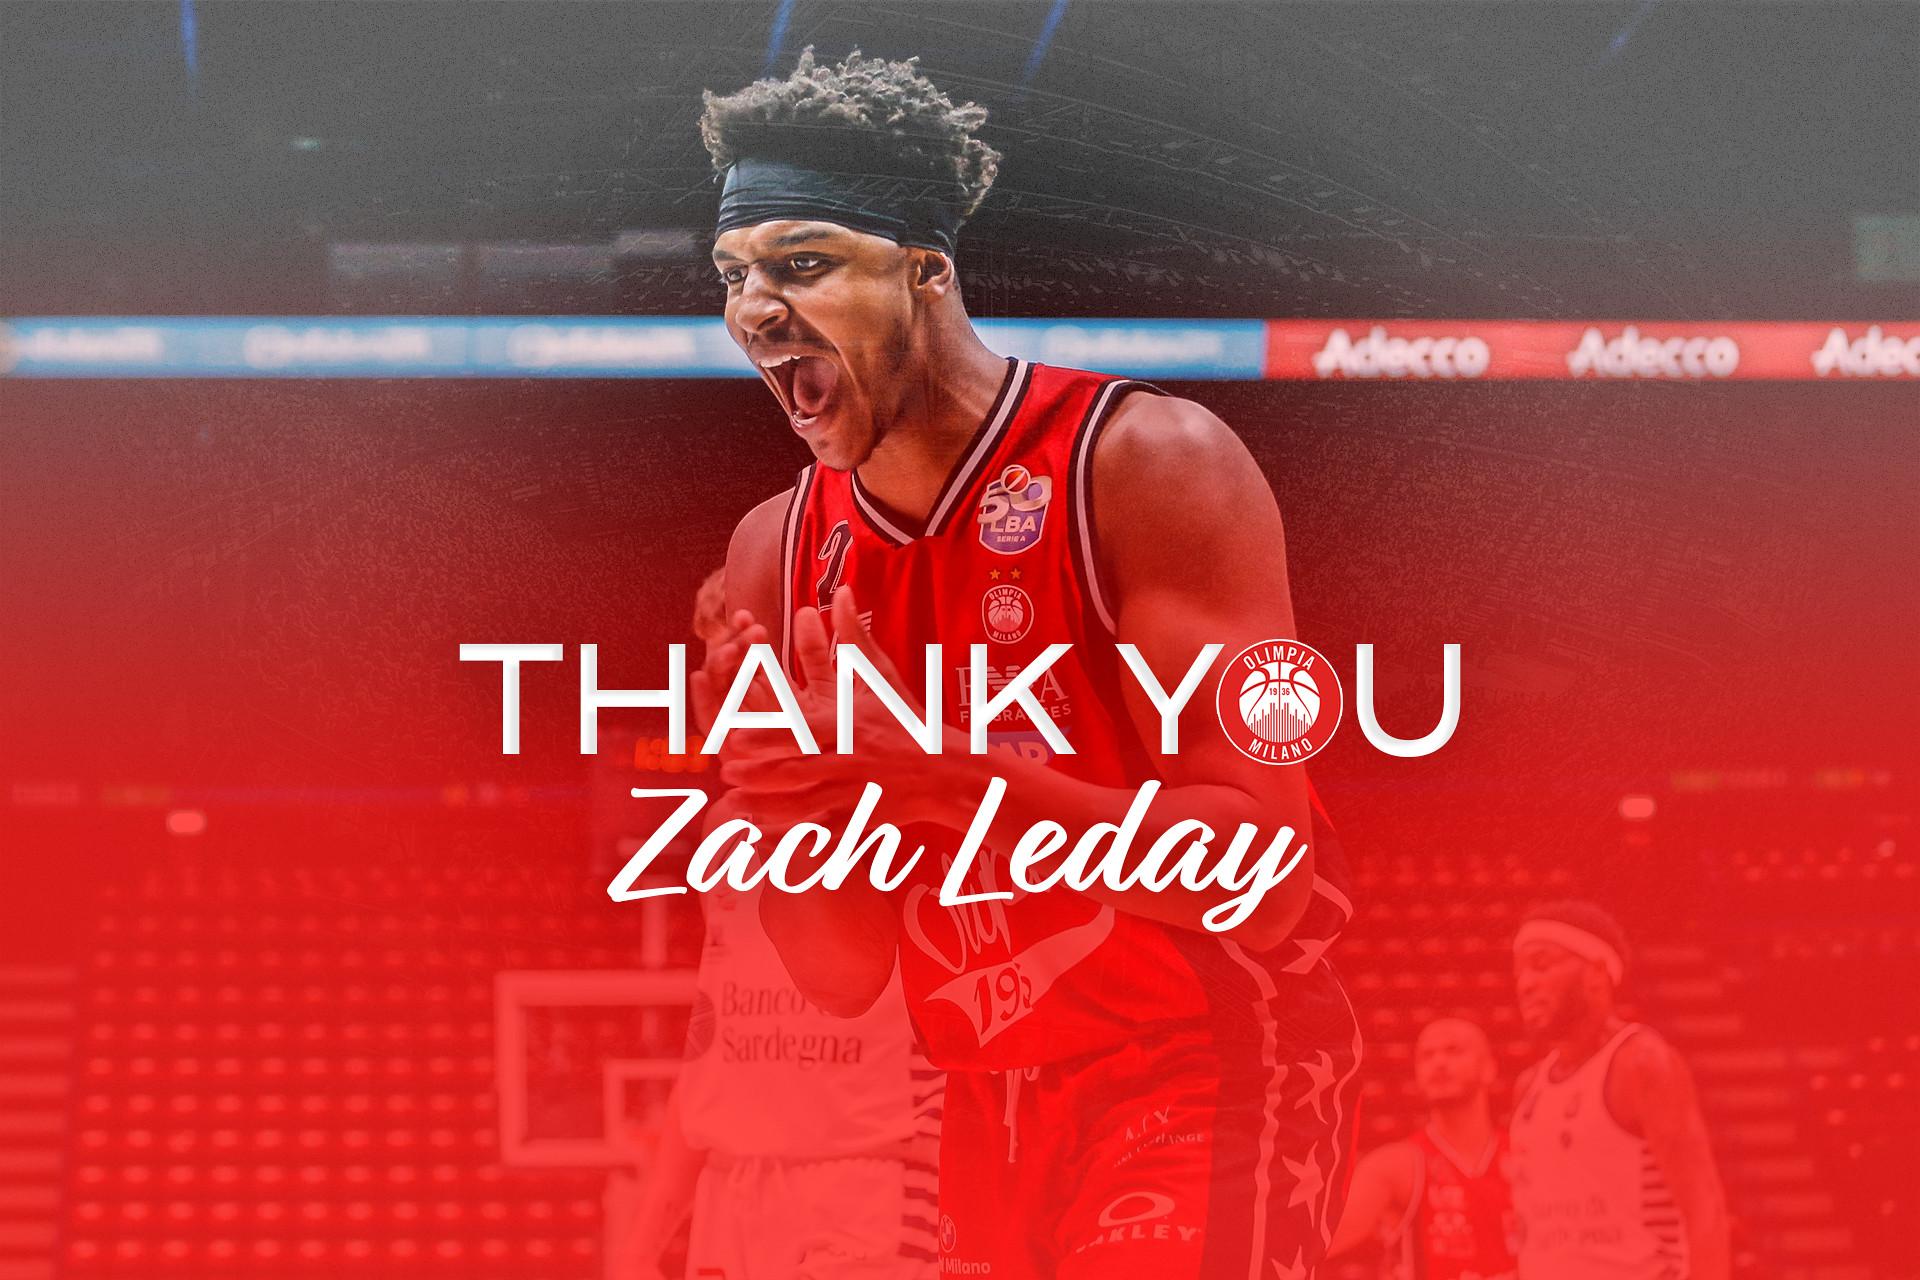 L'Olimpia Milano ringrazia e saluta Zach LeDay